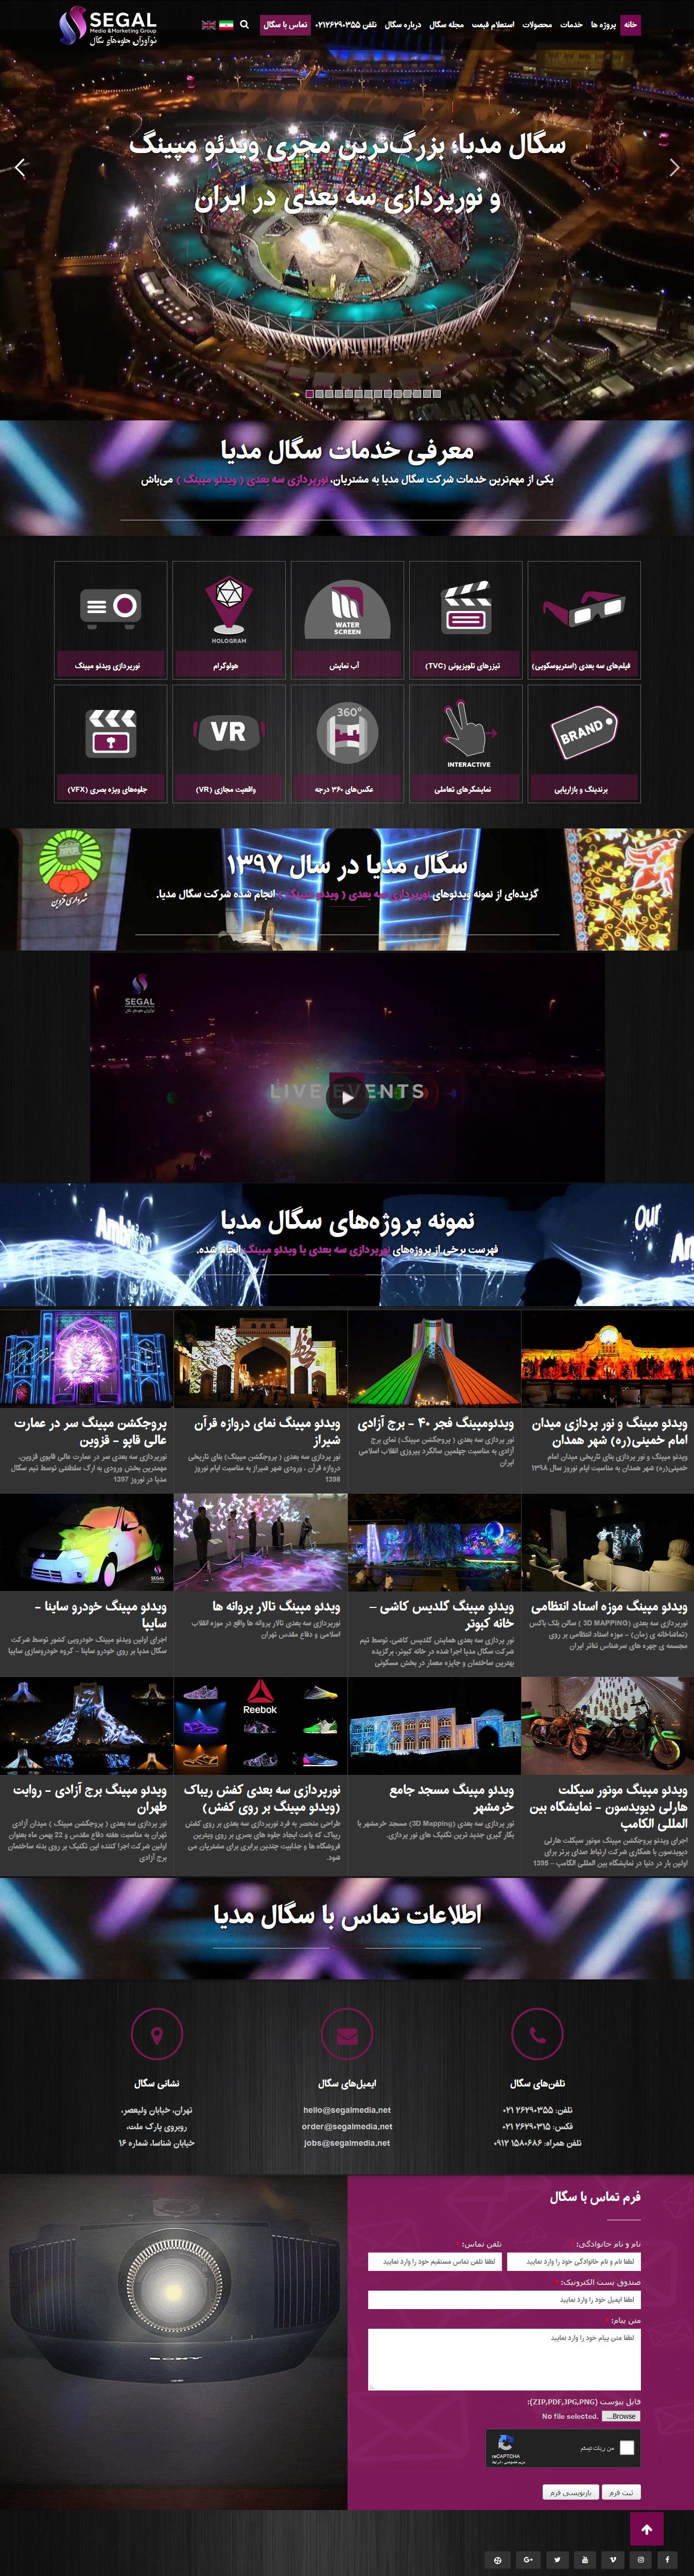 تصویری از صفحه نخست وبسایت گروه رسانه و تبلیغات نوآوران جلوههای سگال